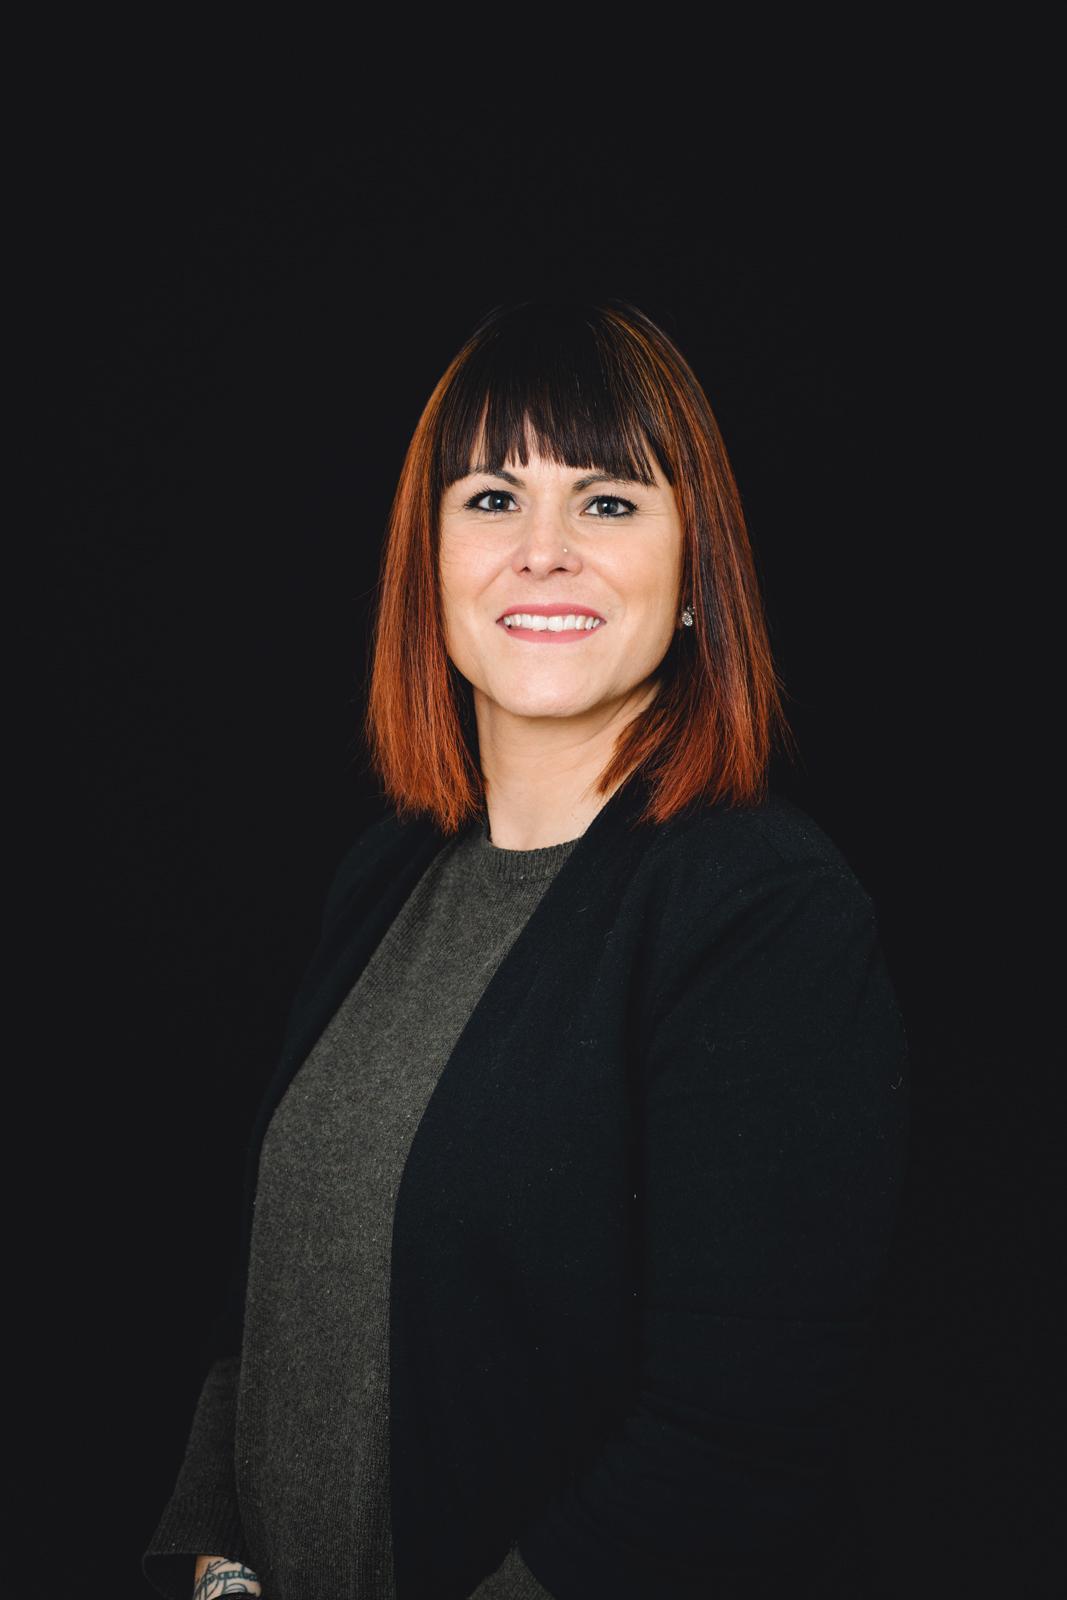 Natalia Gelinard Profile Picture